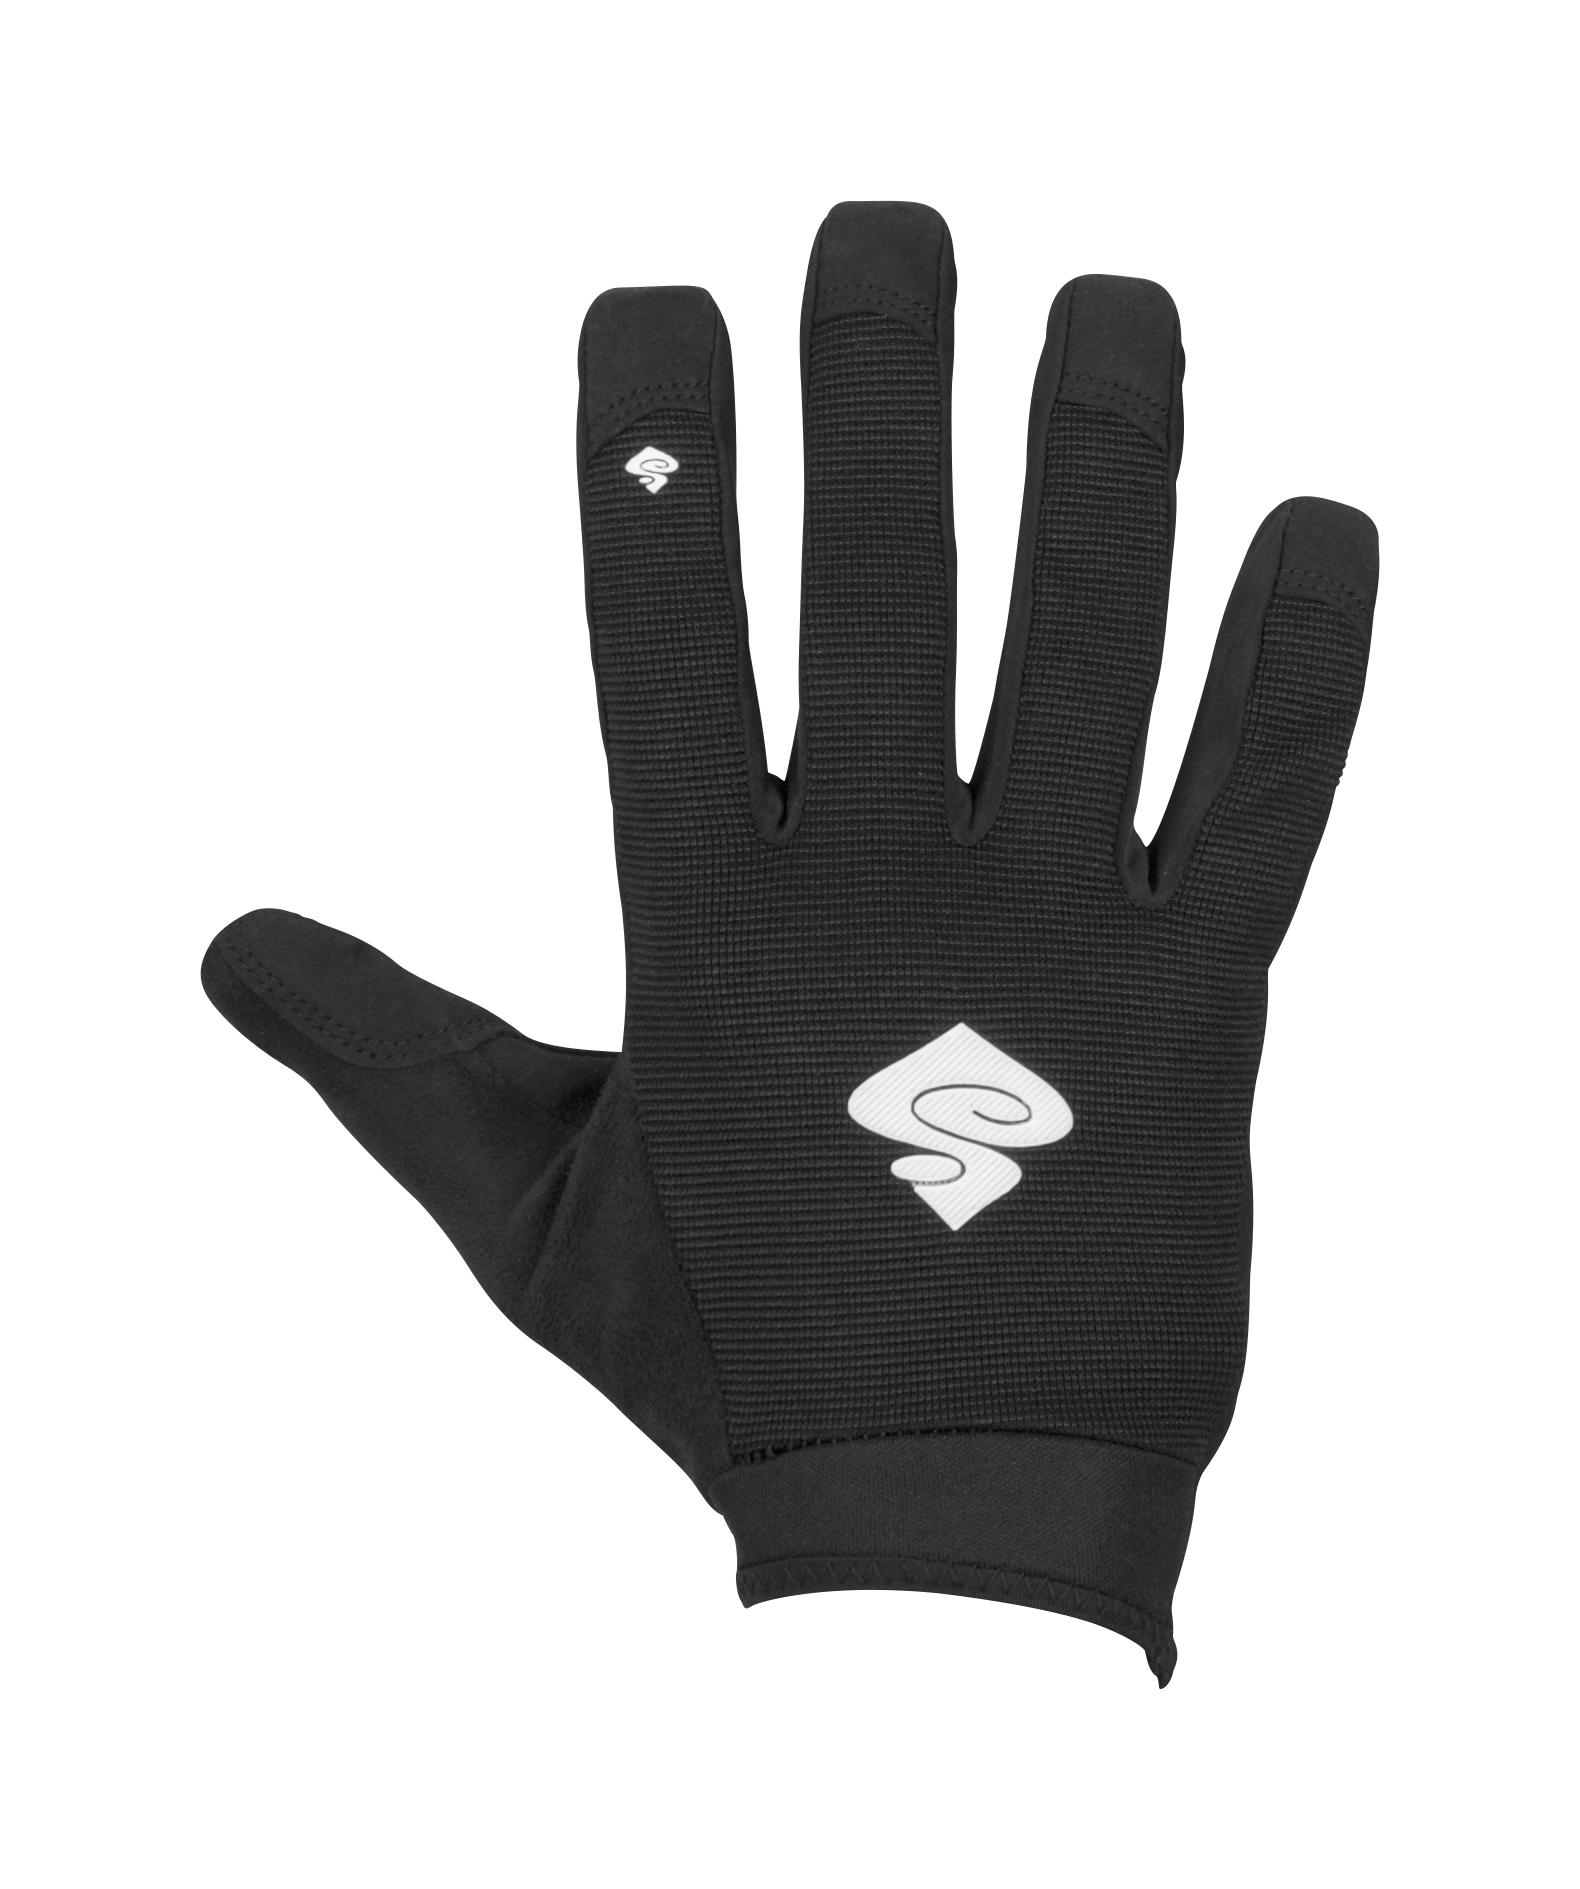 828052-hunter_mid_gloves-true_black-front.jpg